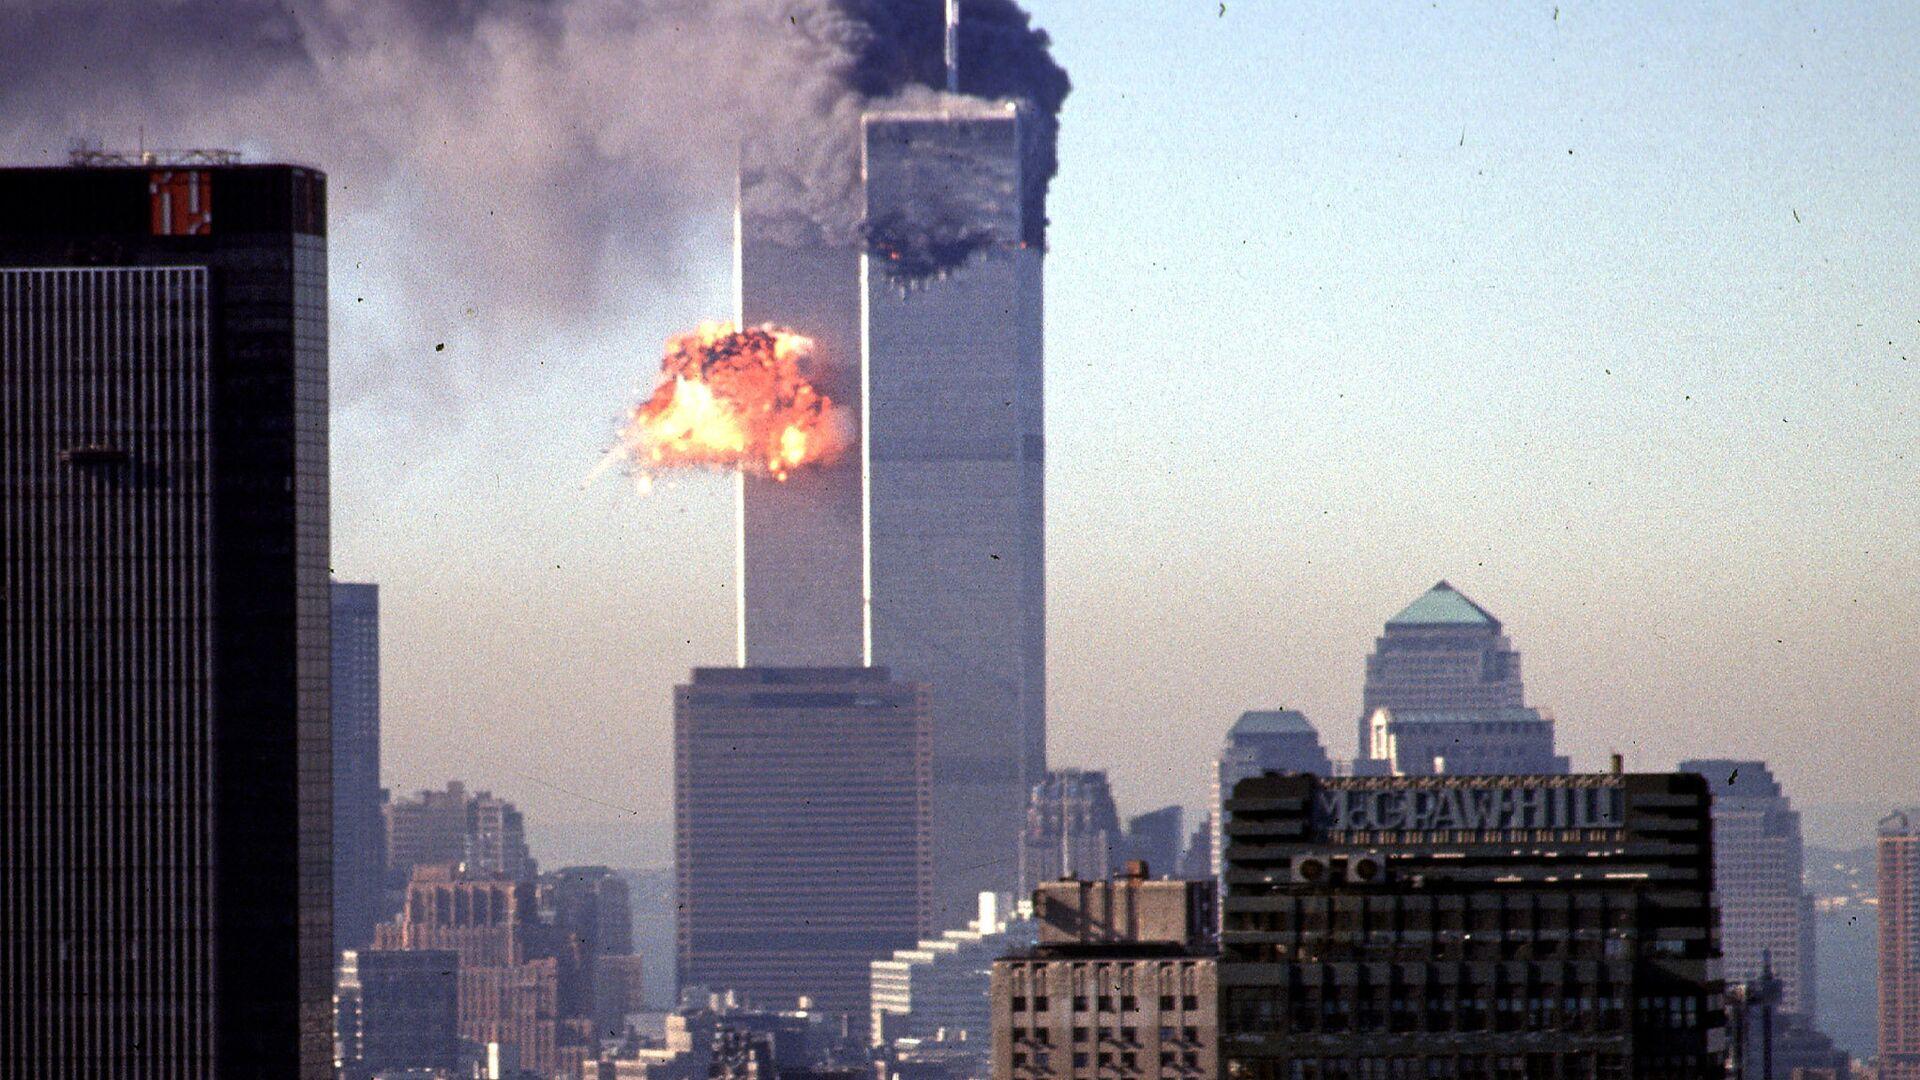 Террористический акт 11 сентября 2001 года в Нью-Йорке - РИА Новости, 1920, 05.09.2021